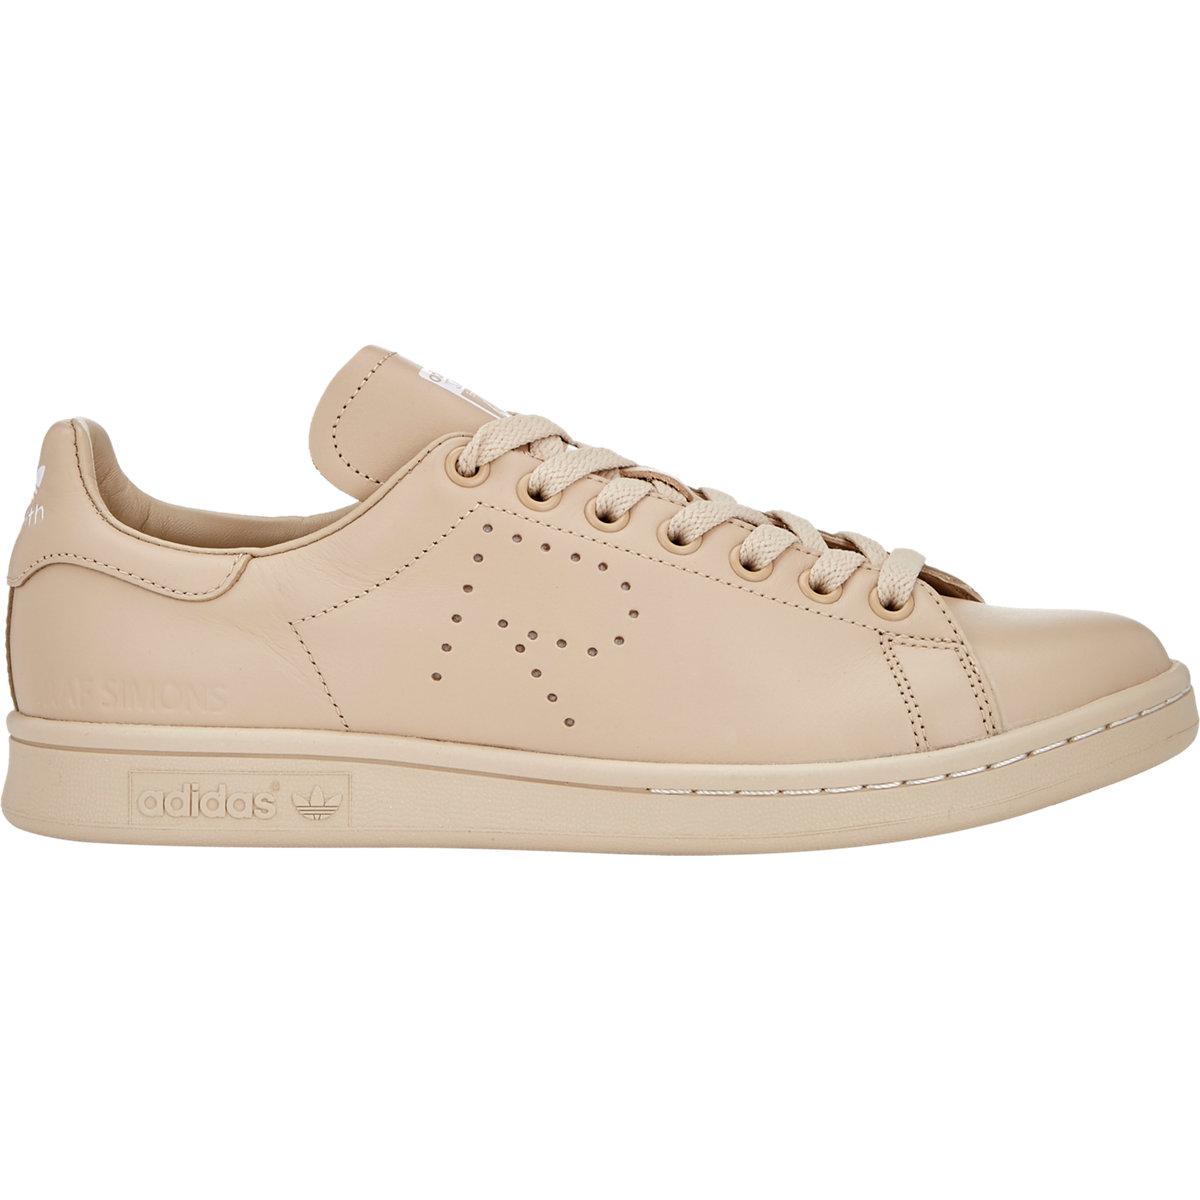 more photos 4bb5e cc840 ... Smith Raf Simons x Adidas ... Gallery adidas Originals ...